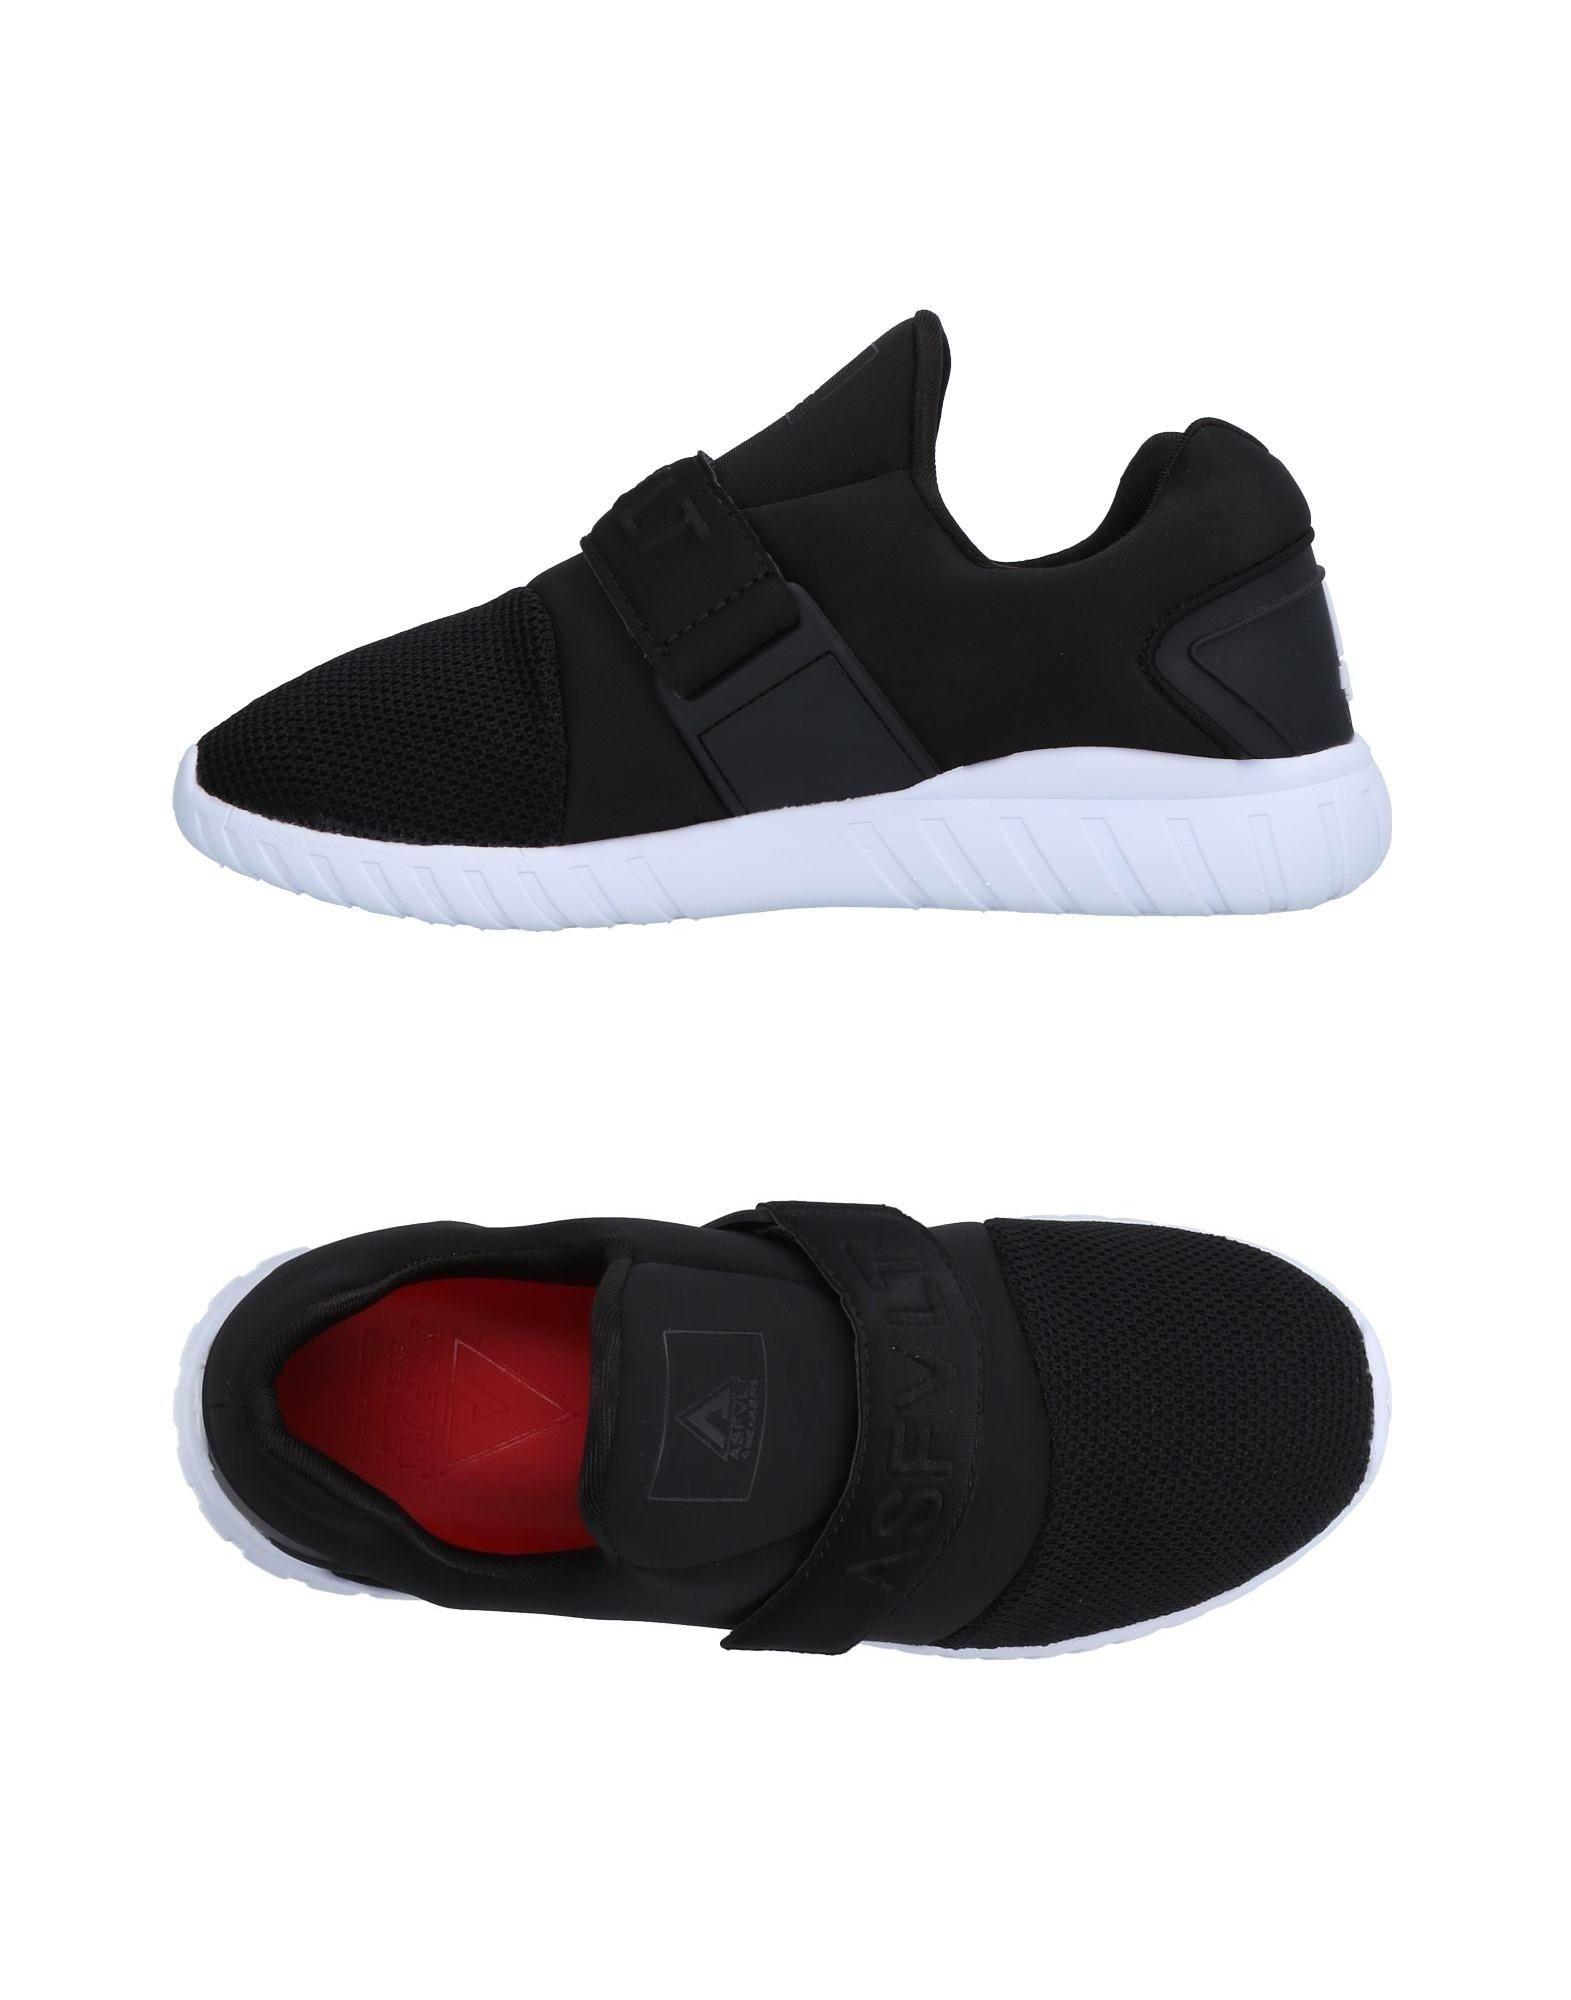 Asfvlt Sneakers Damen  11506904TB Gute Qualität beliebte Schuhe